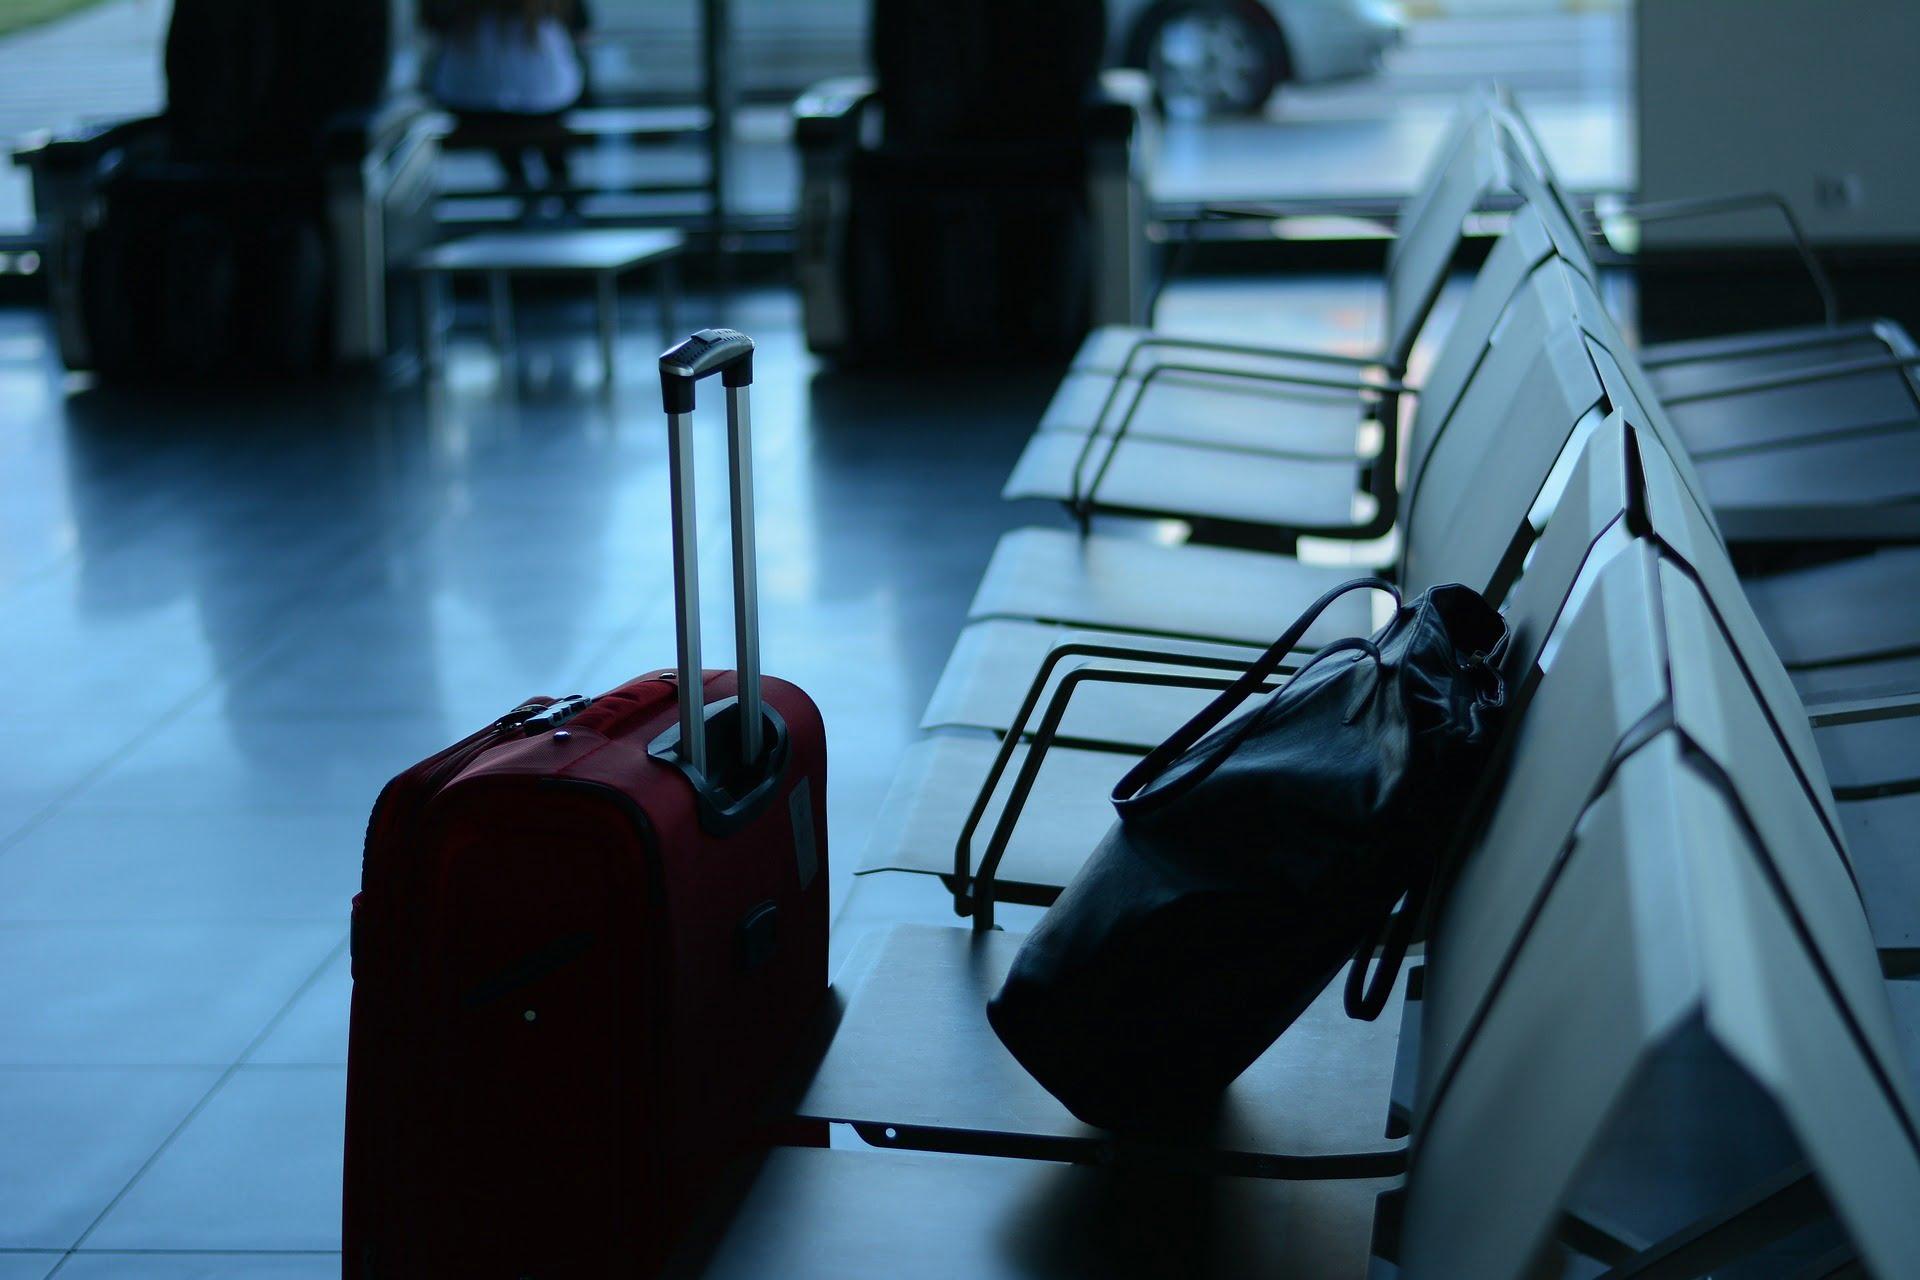 Jak złożyć garnitur do walizki?